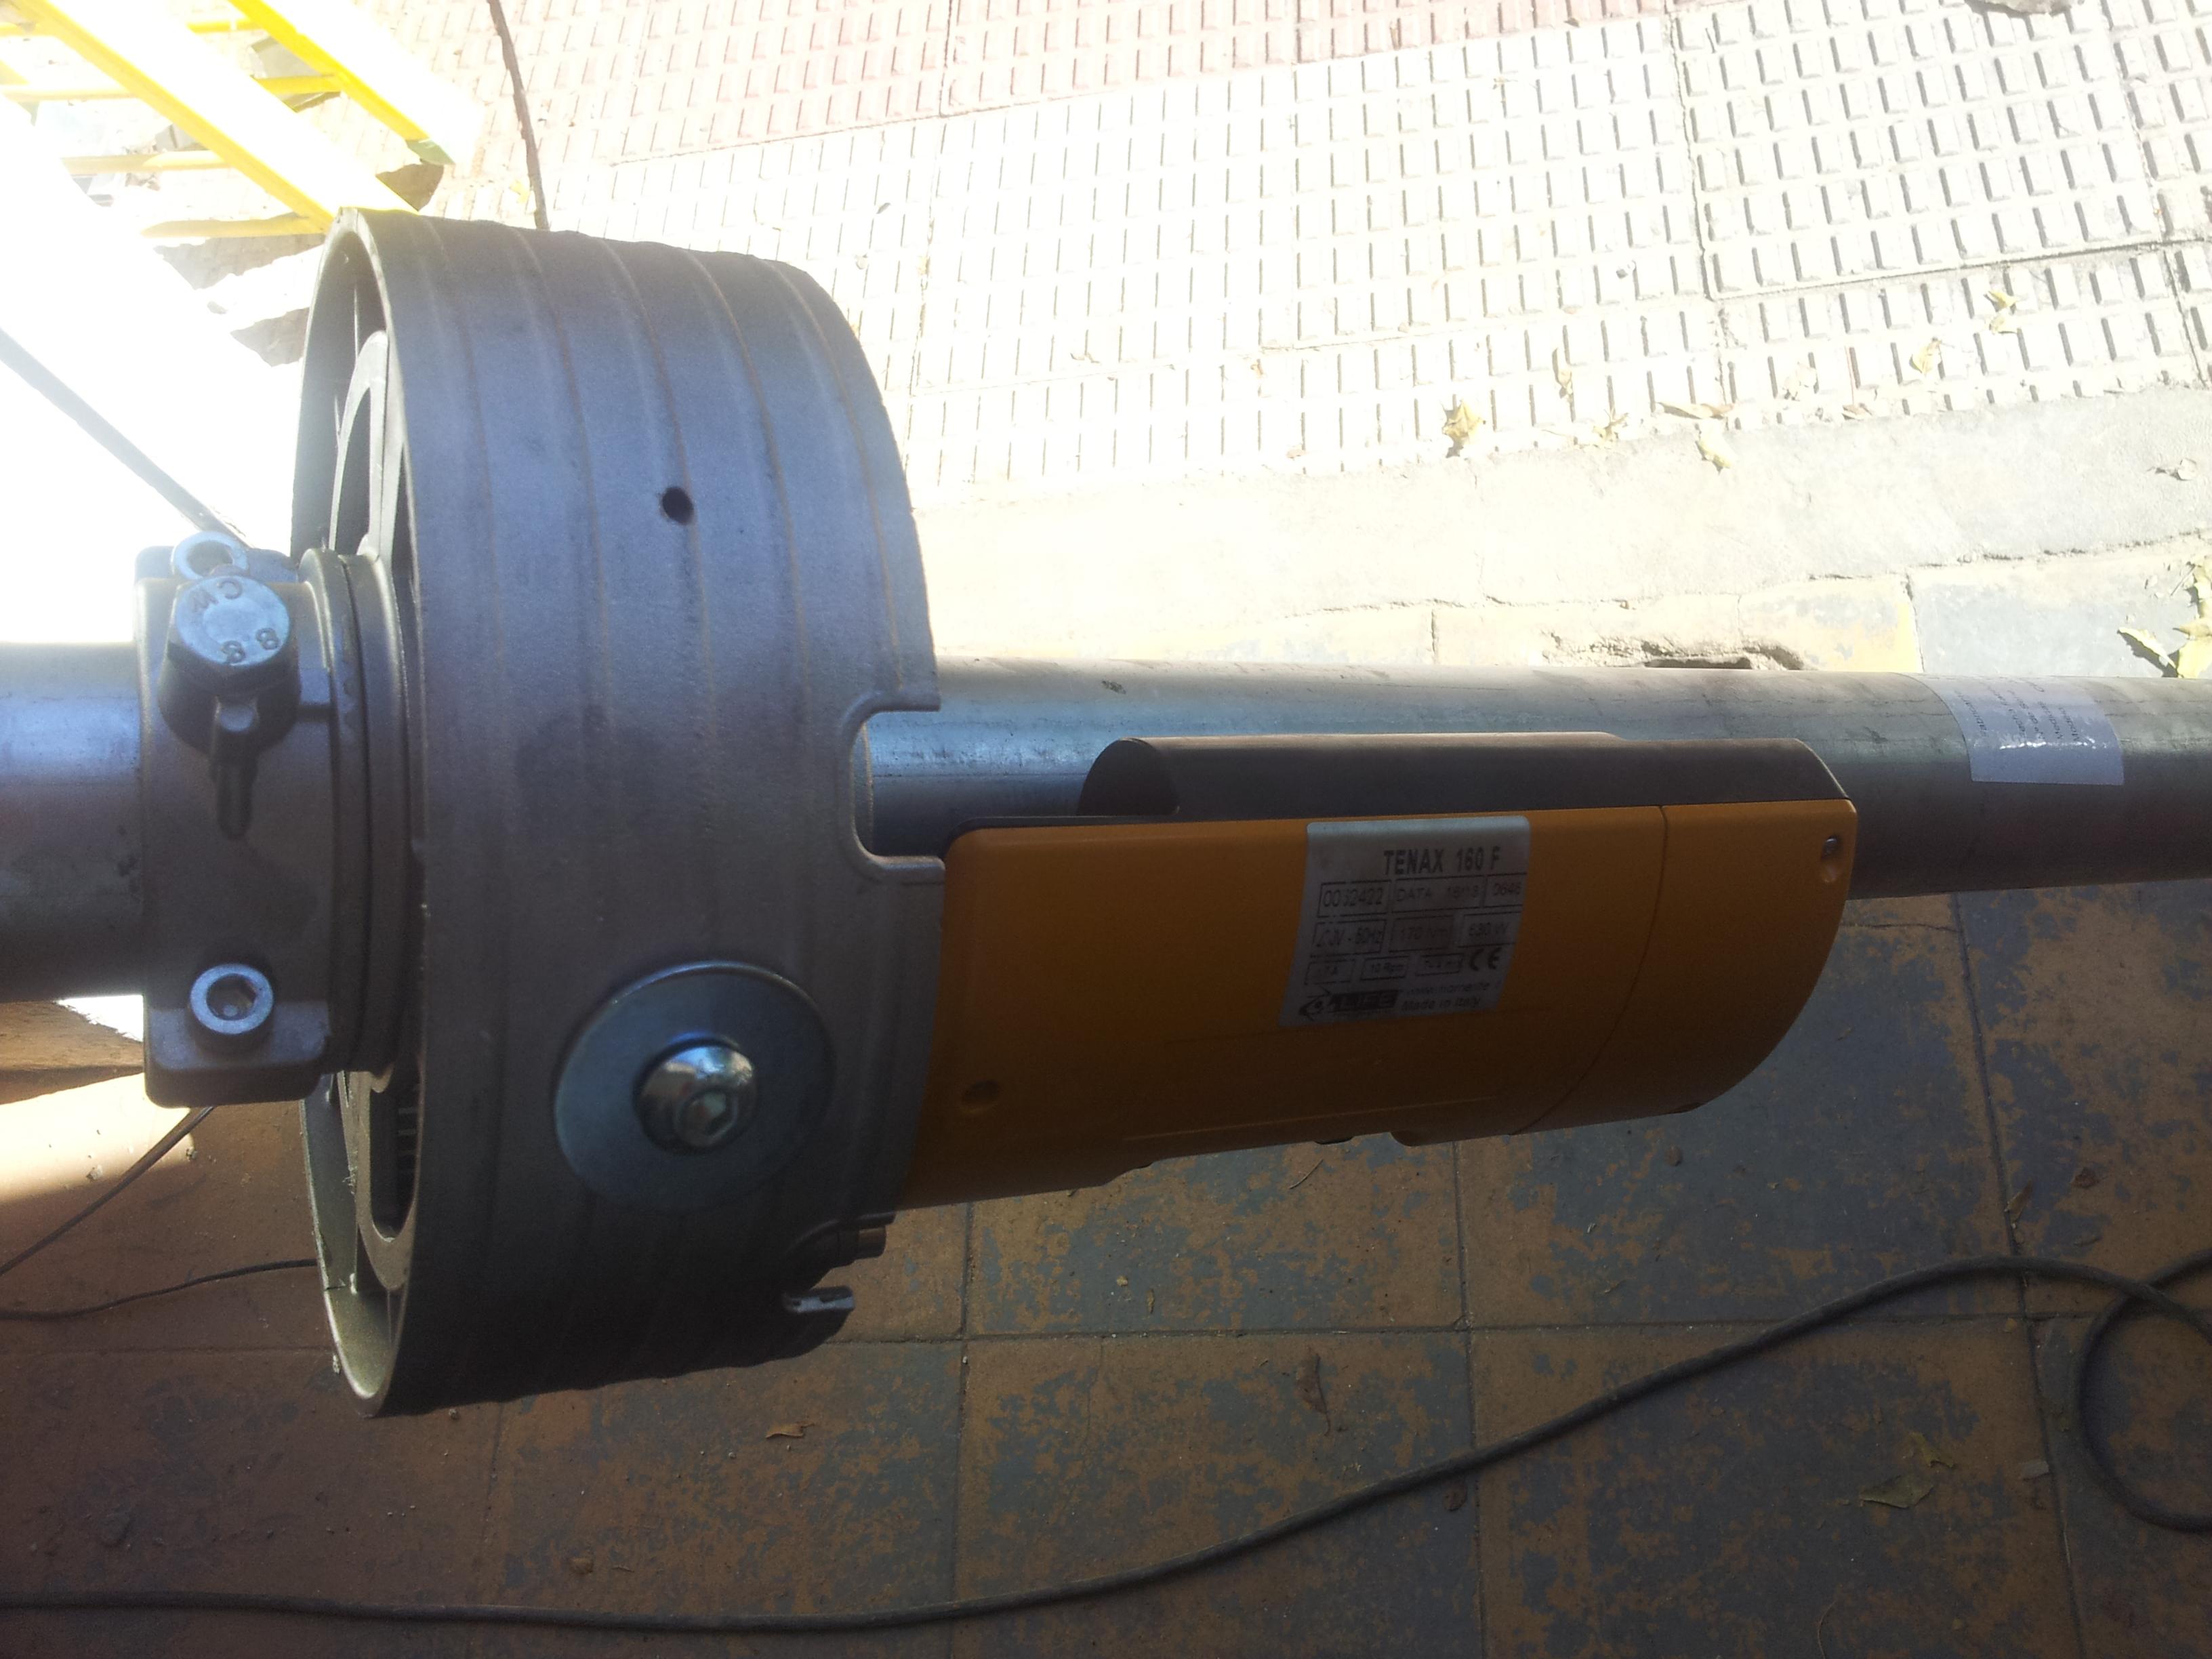 Motor pre instalado cierre